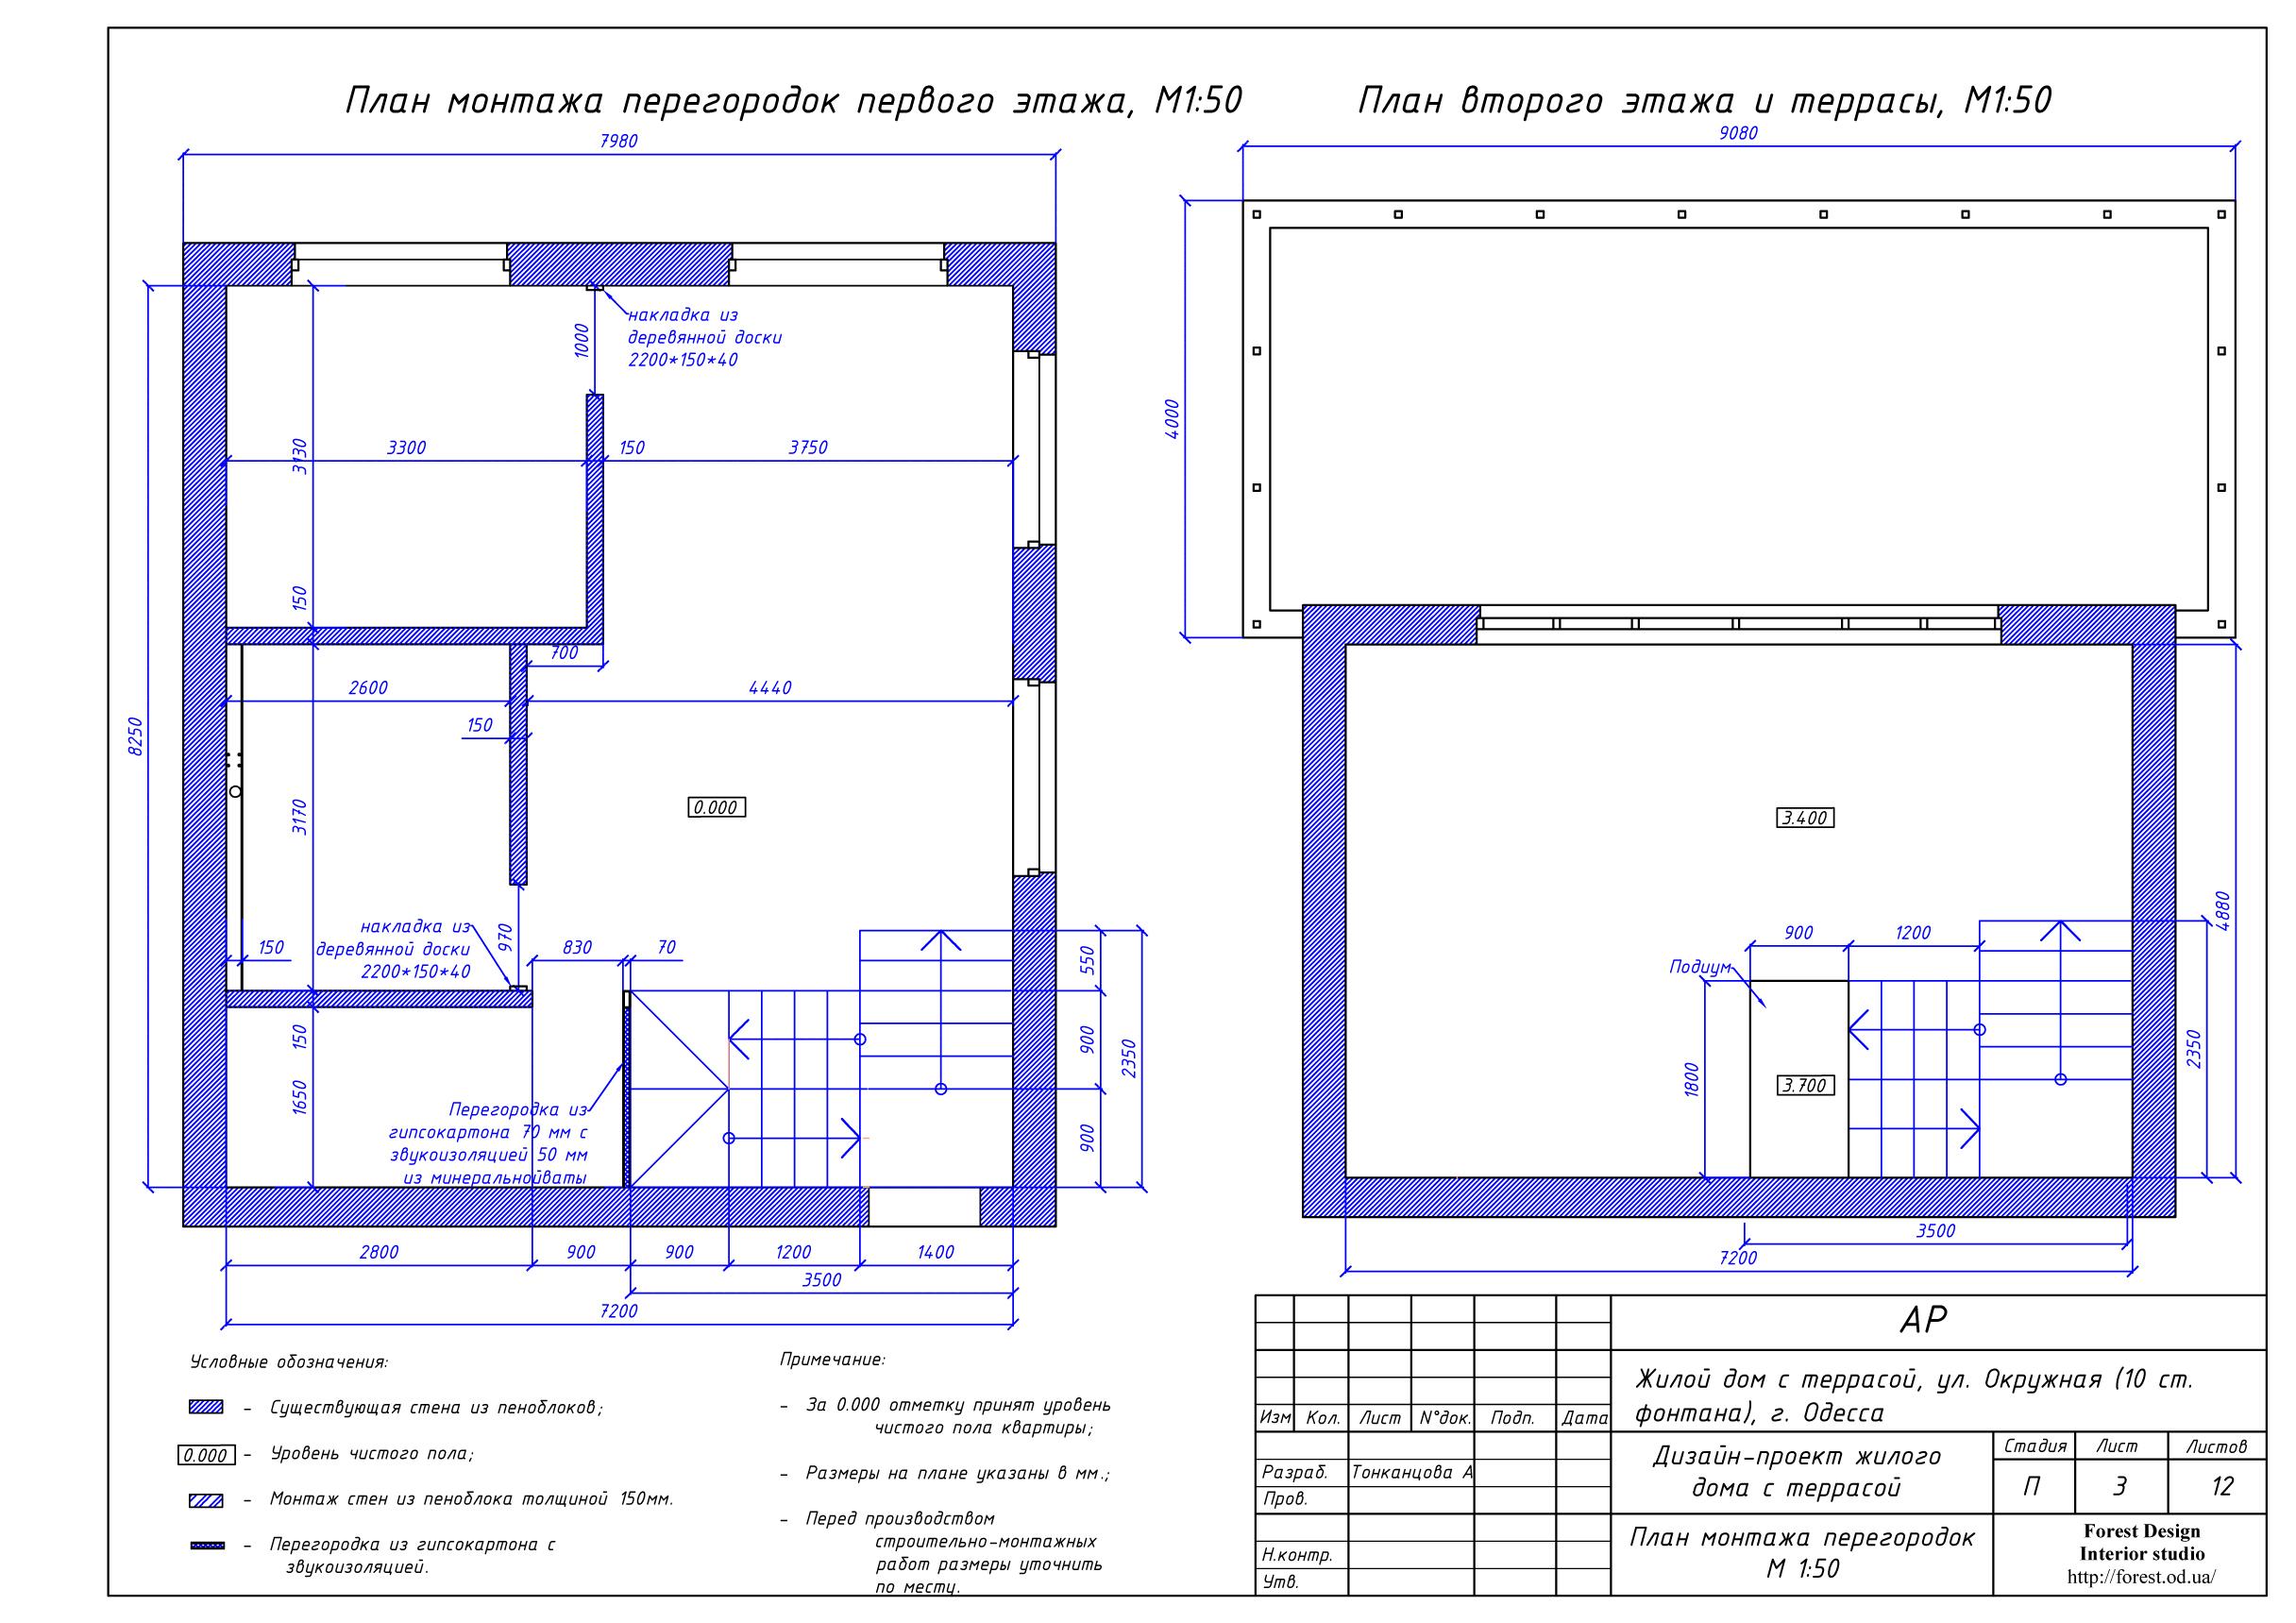 4-план монтажа перегородок